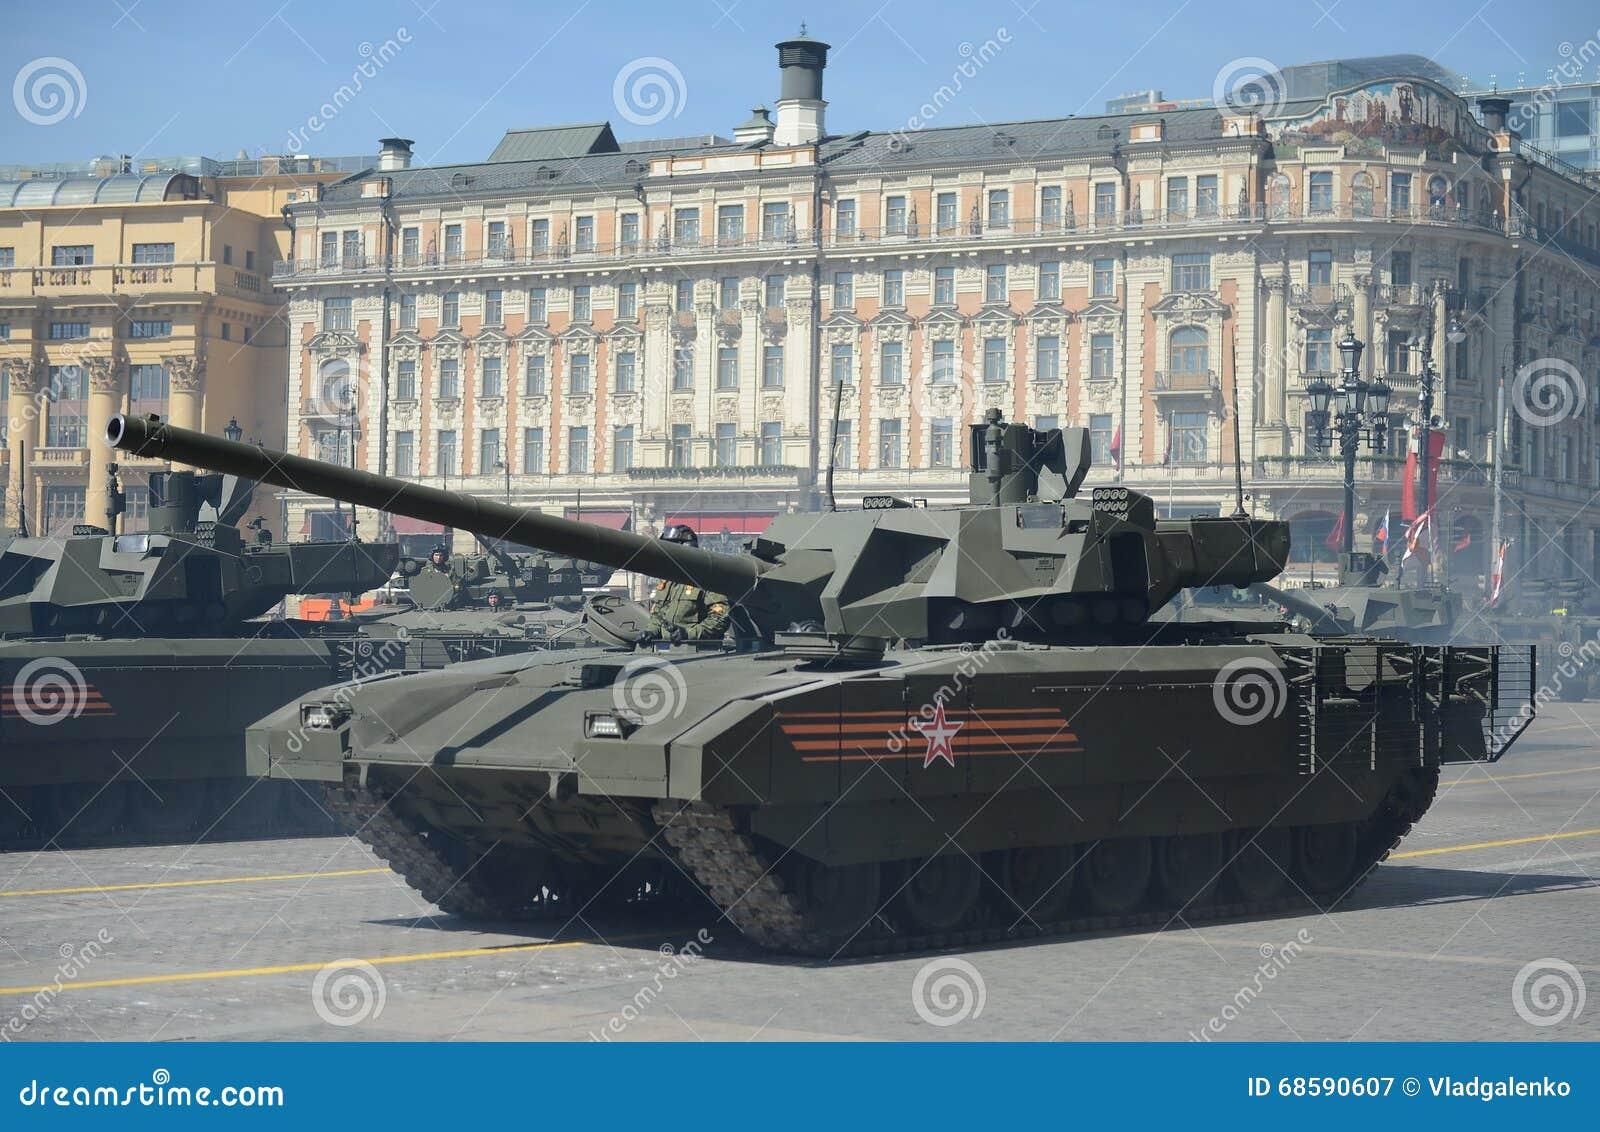 [Obrazek: t-armata-jest-rosyjskiego-post%C4%99powe...590607.jpg]